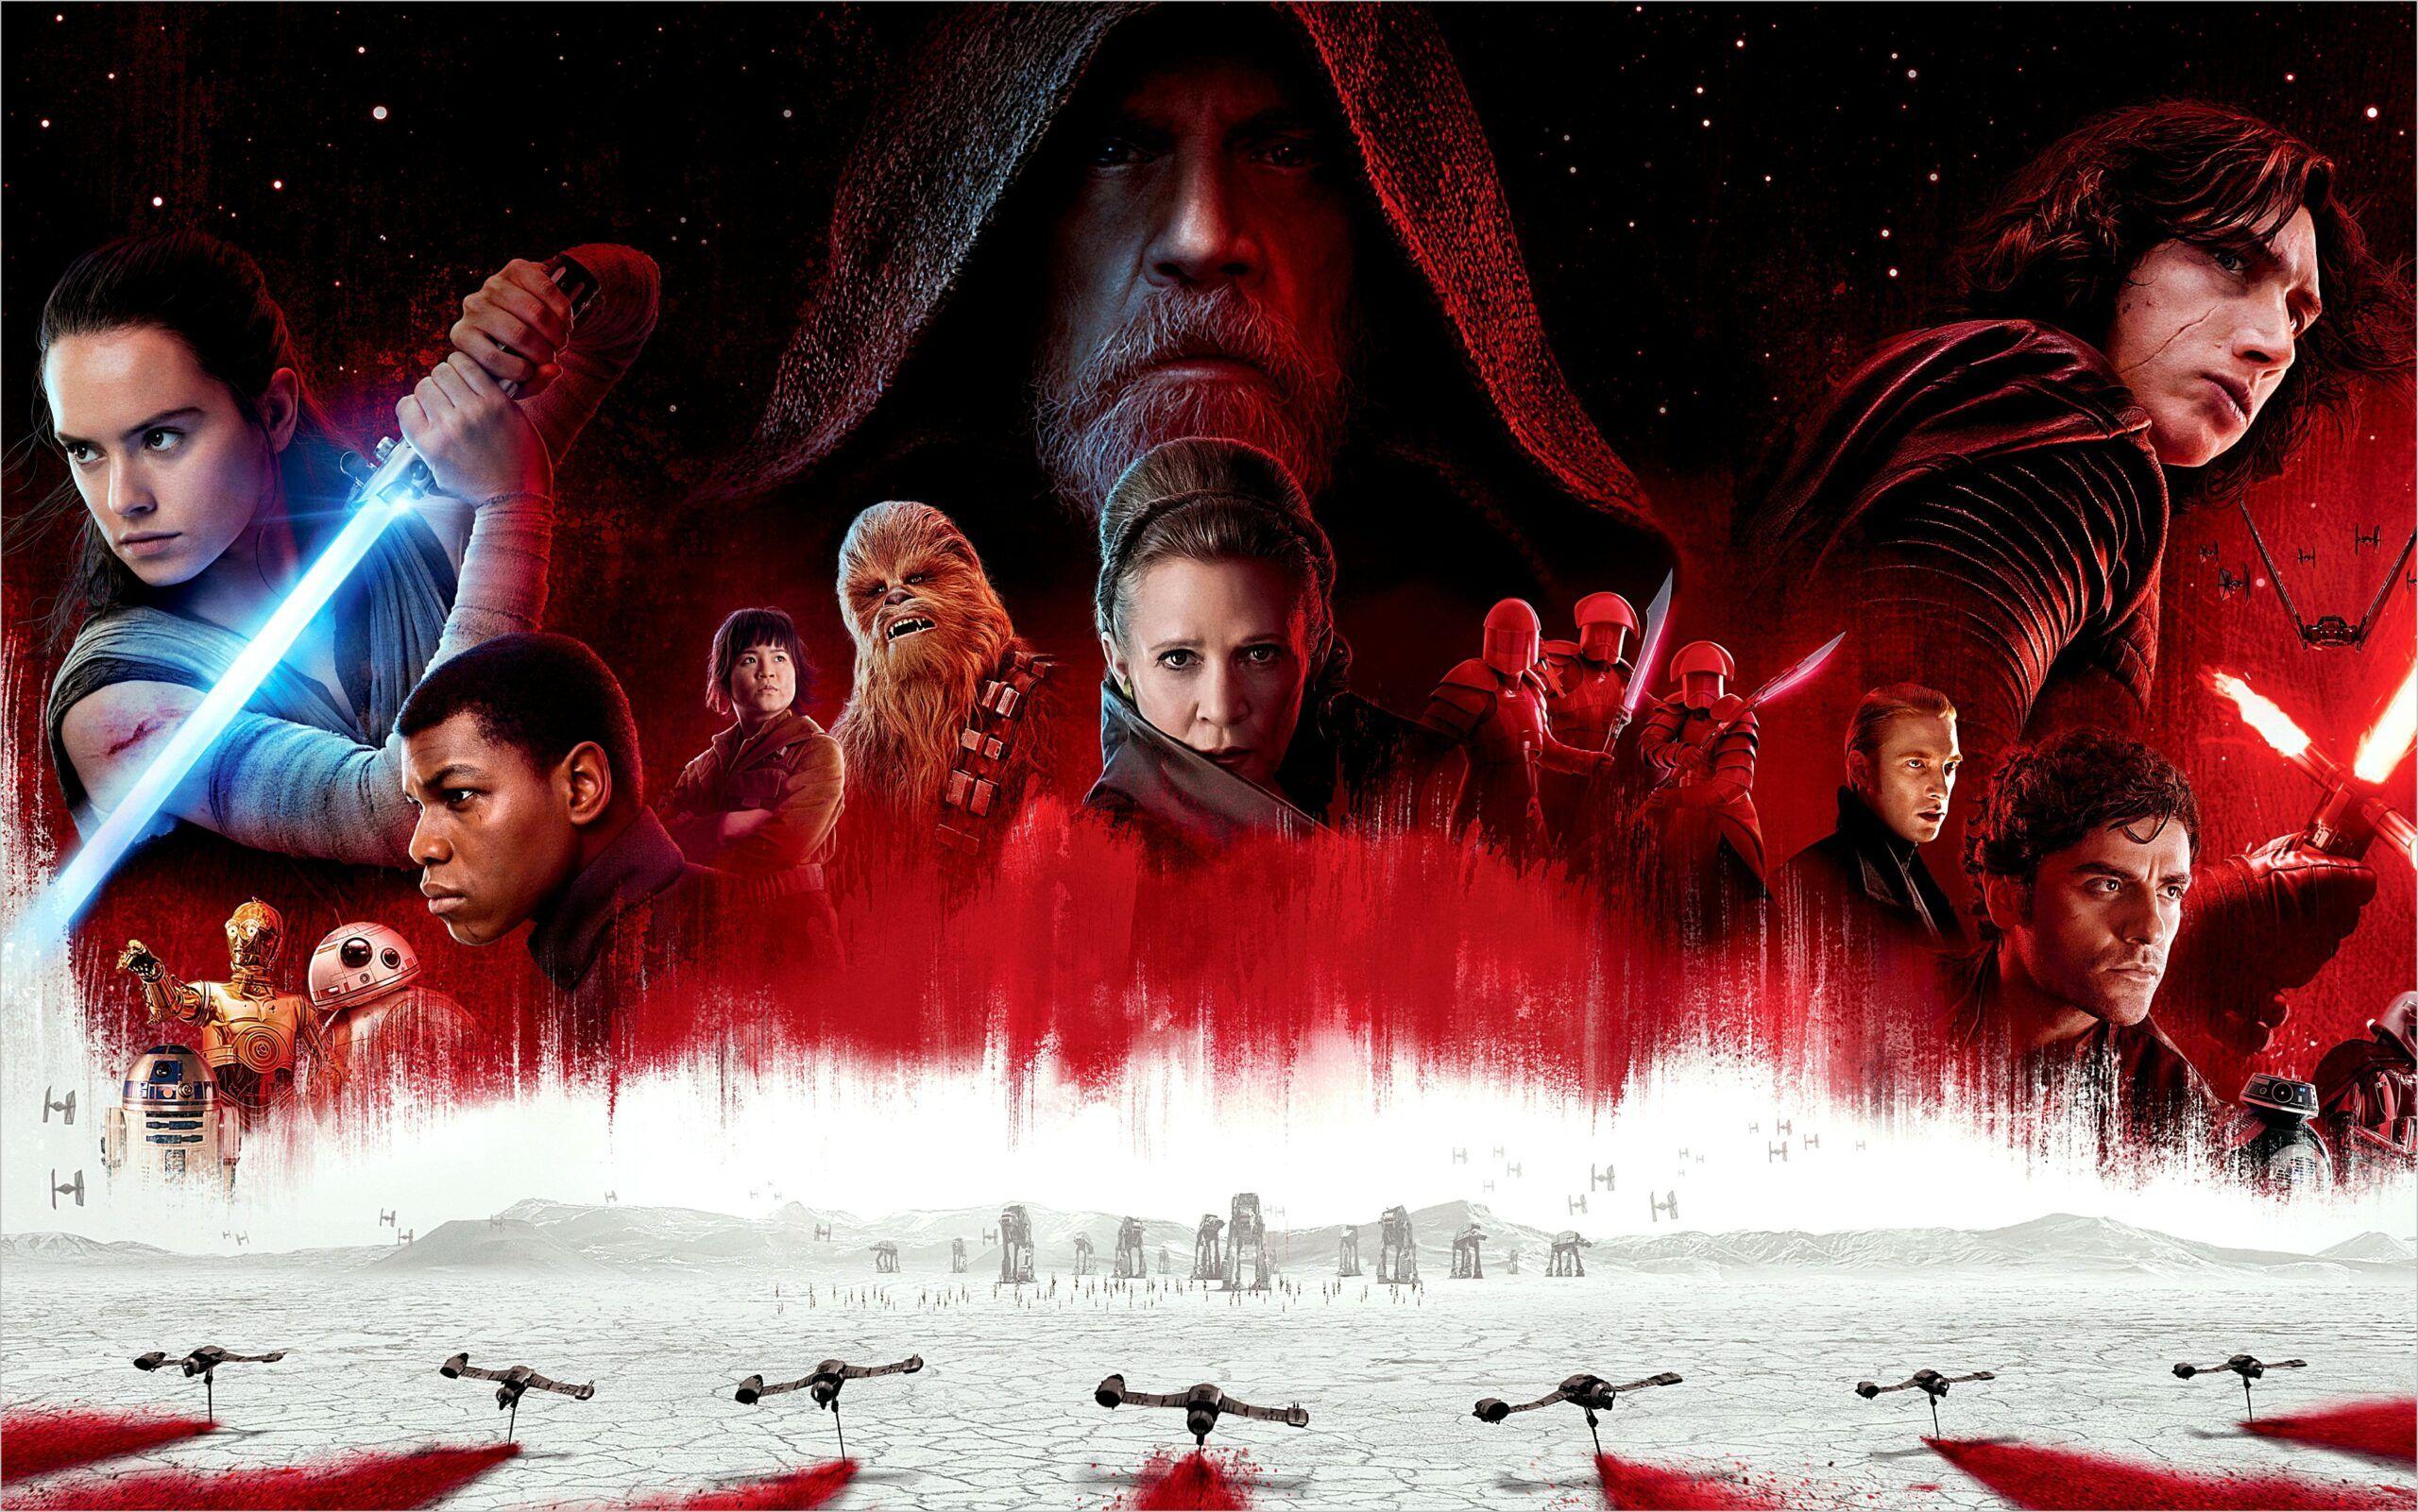 Star Wars Wallpaper 4k Last Jedi In 2020 Star Wars Wallpaper Last Jedi Jedi